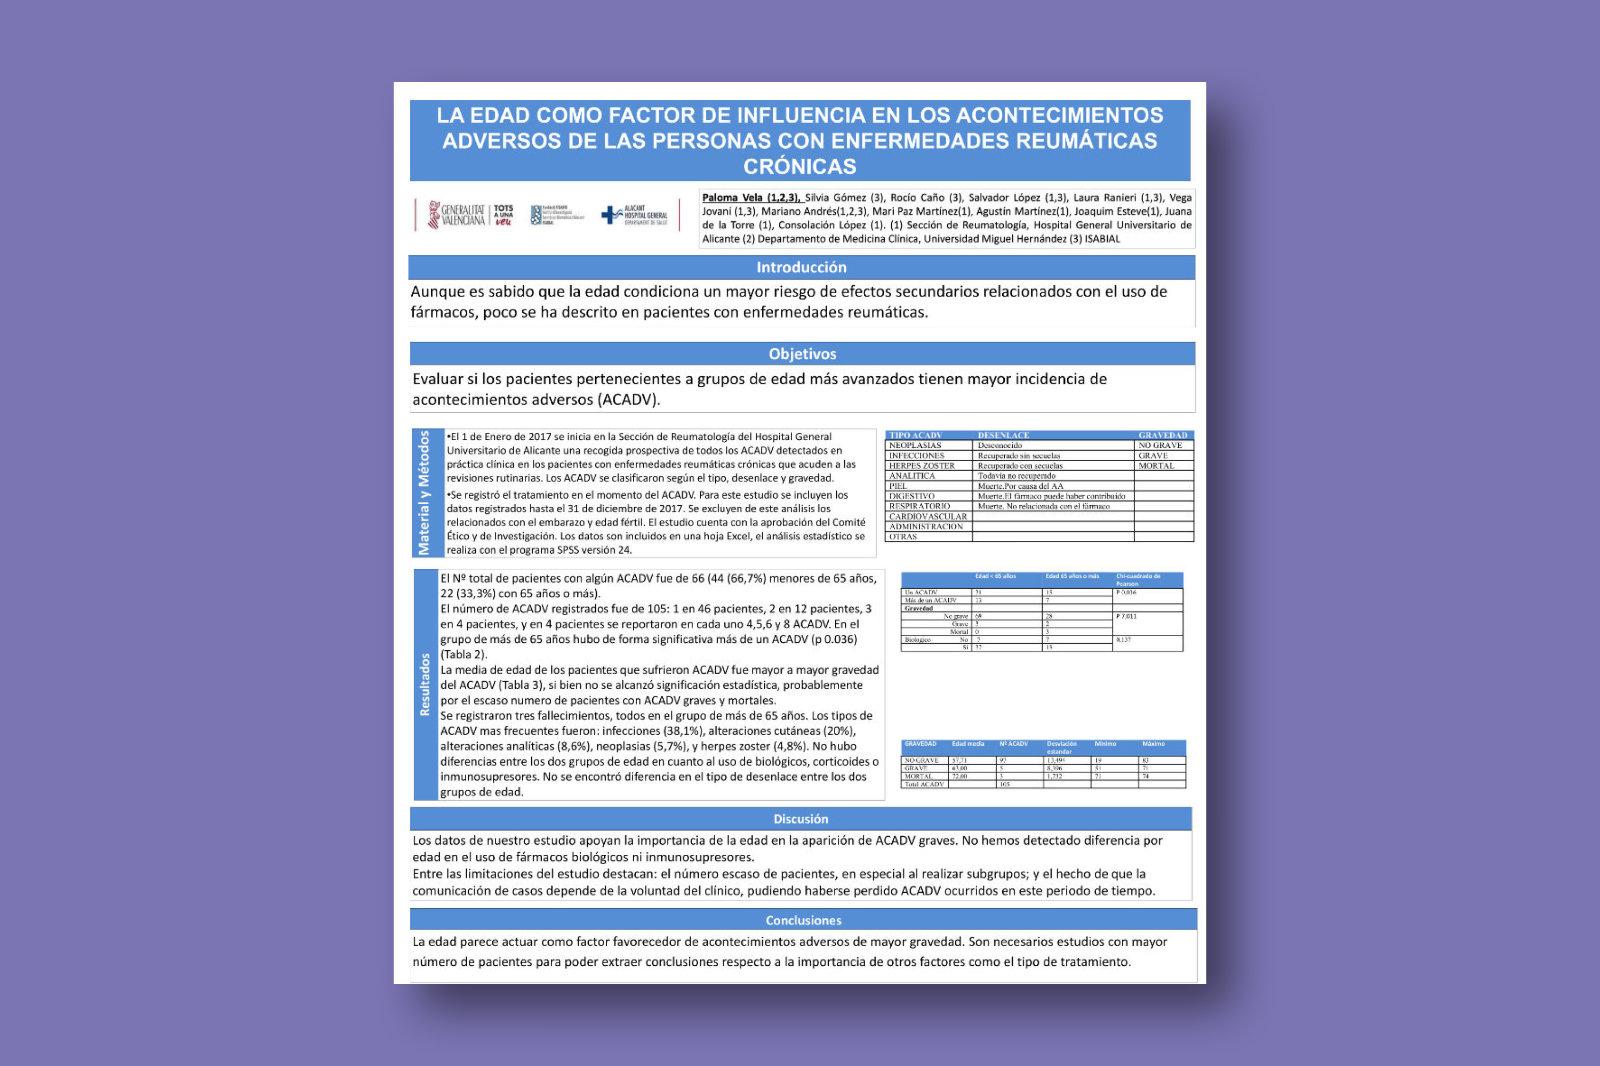 La edad como factor de influencia en los acontecimientos adversos de las personas con enfermedades reumáticas crónicas